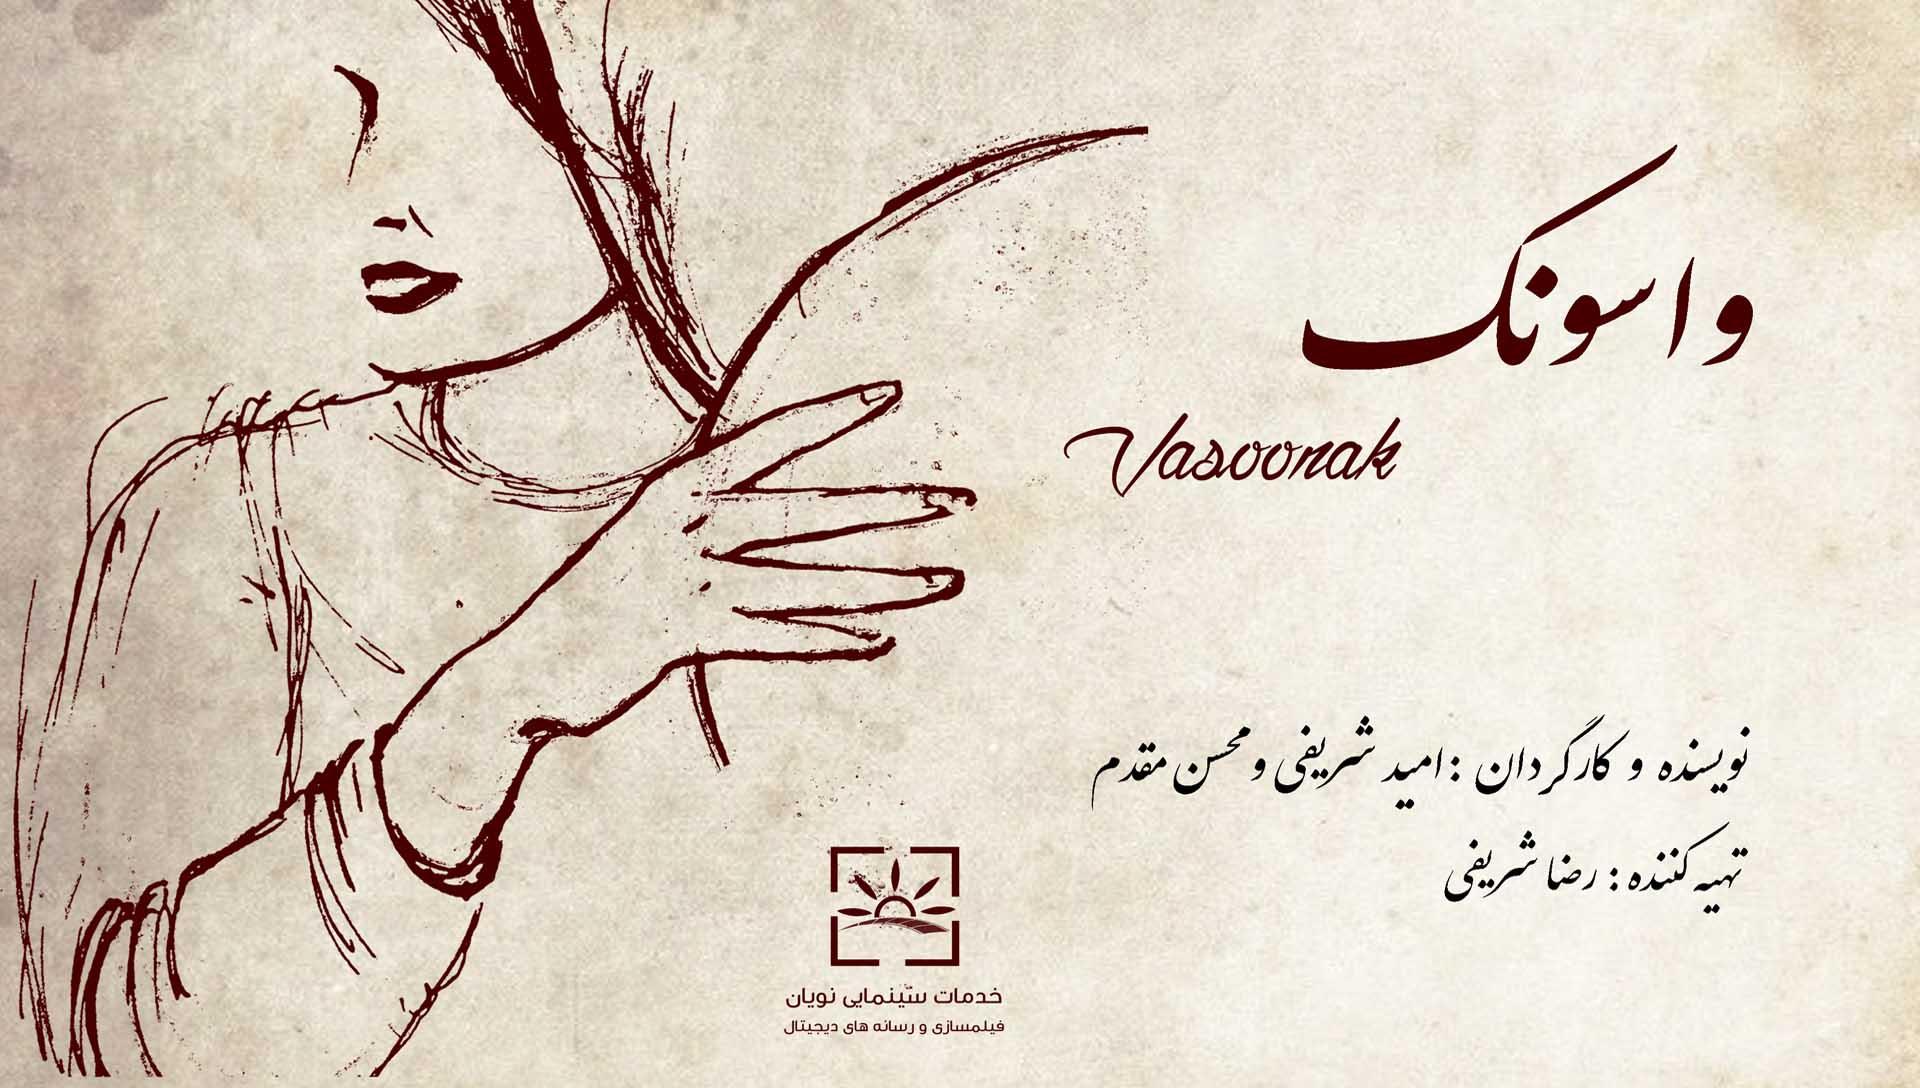 واسونک عکس 08 - شرکت فیلم سازی زوم شیراز برادران شریفی